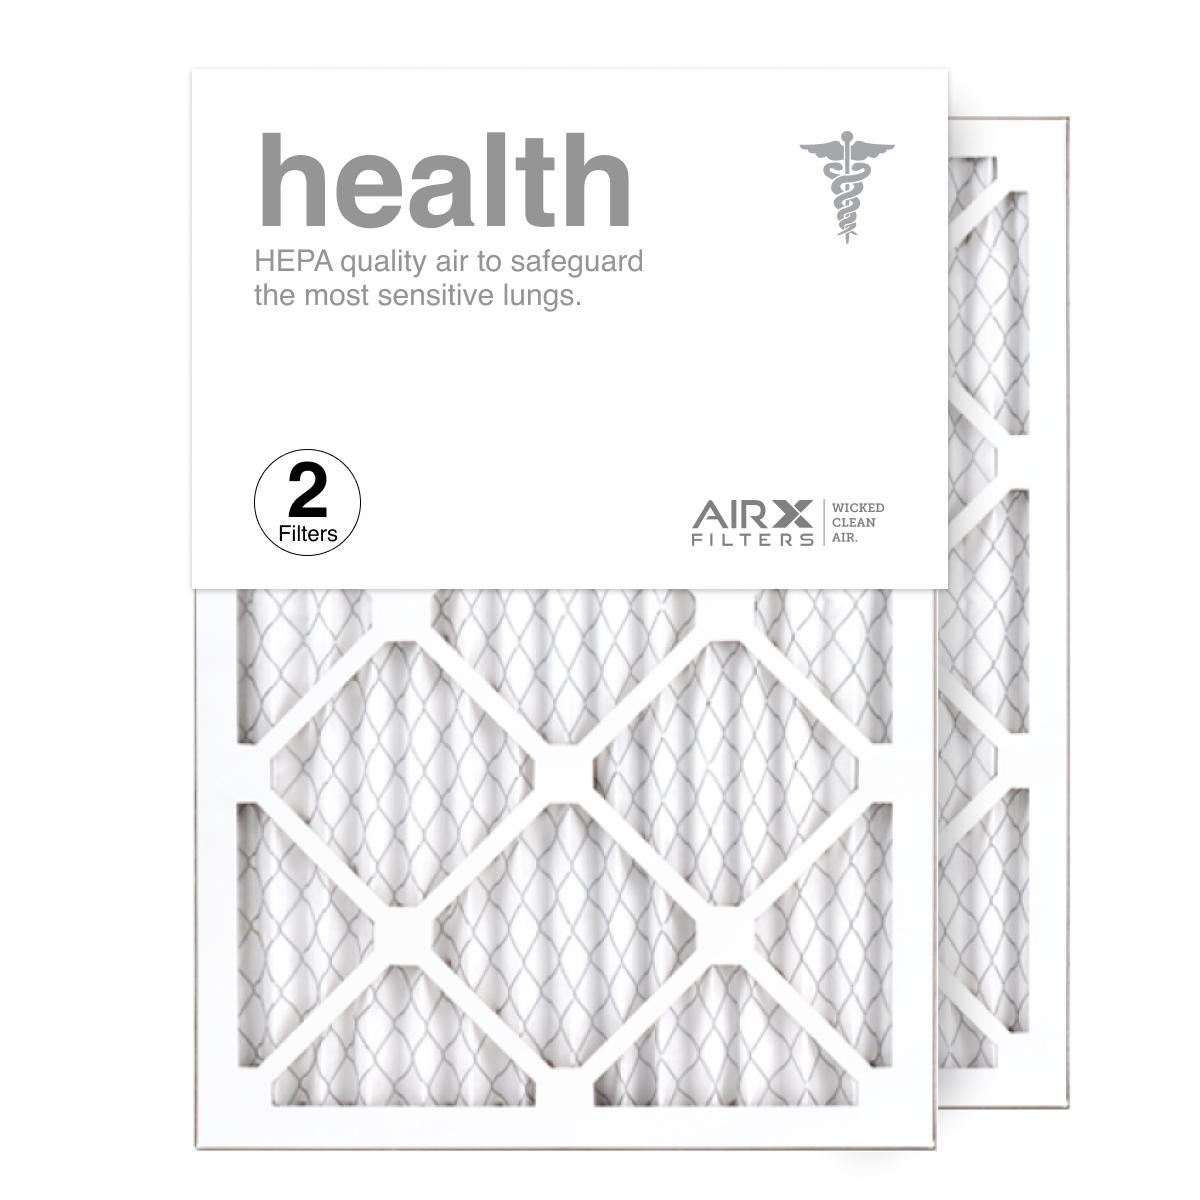 14x20x1 AIRx HEALTH Air Filter, 2-Pack